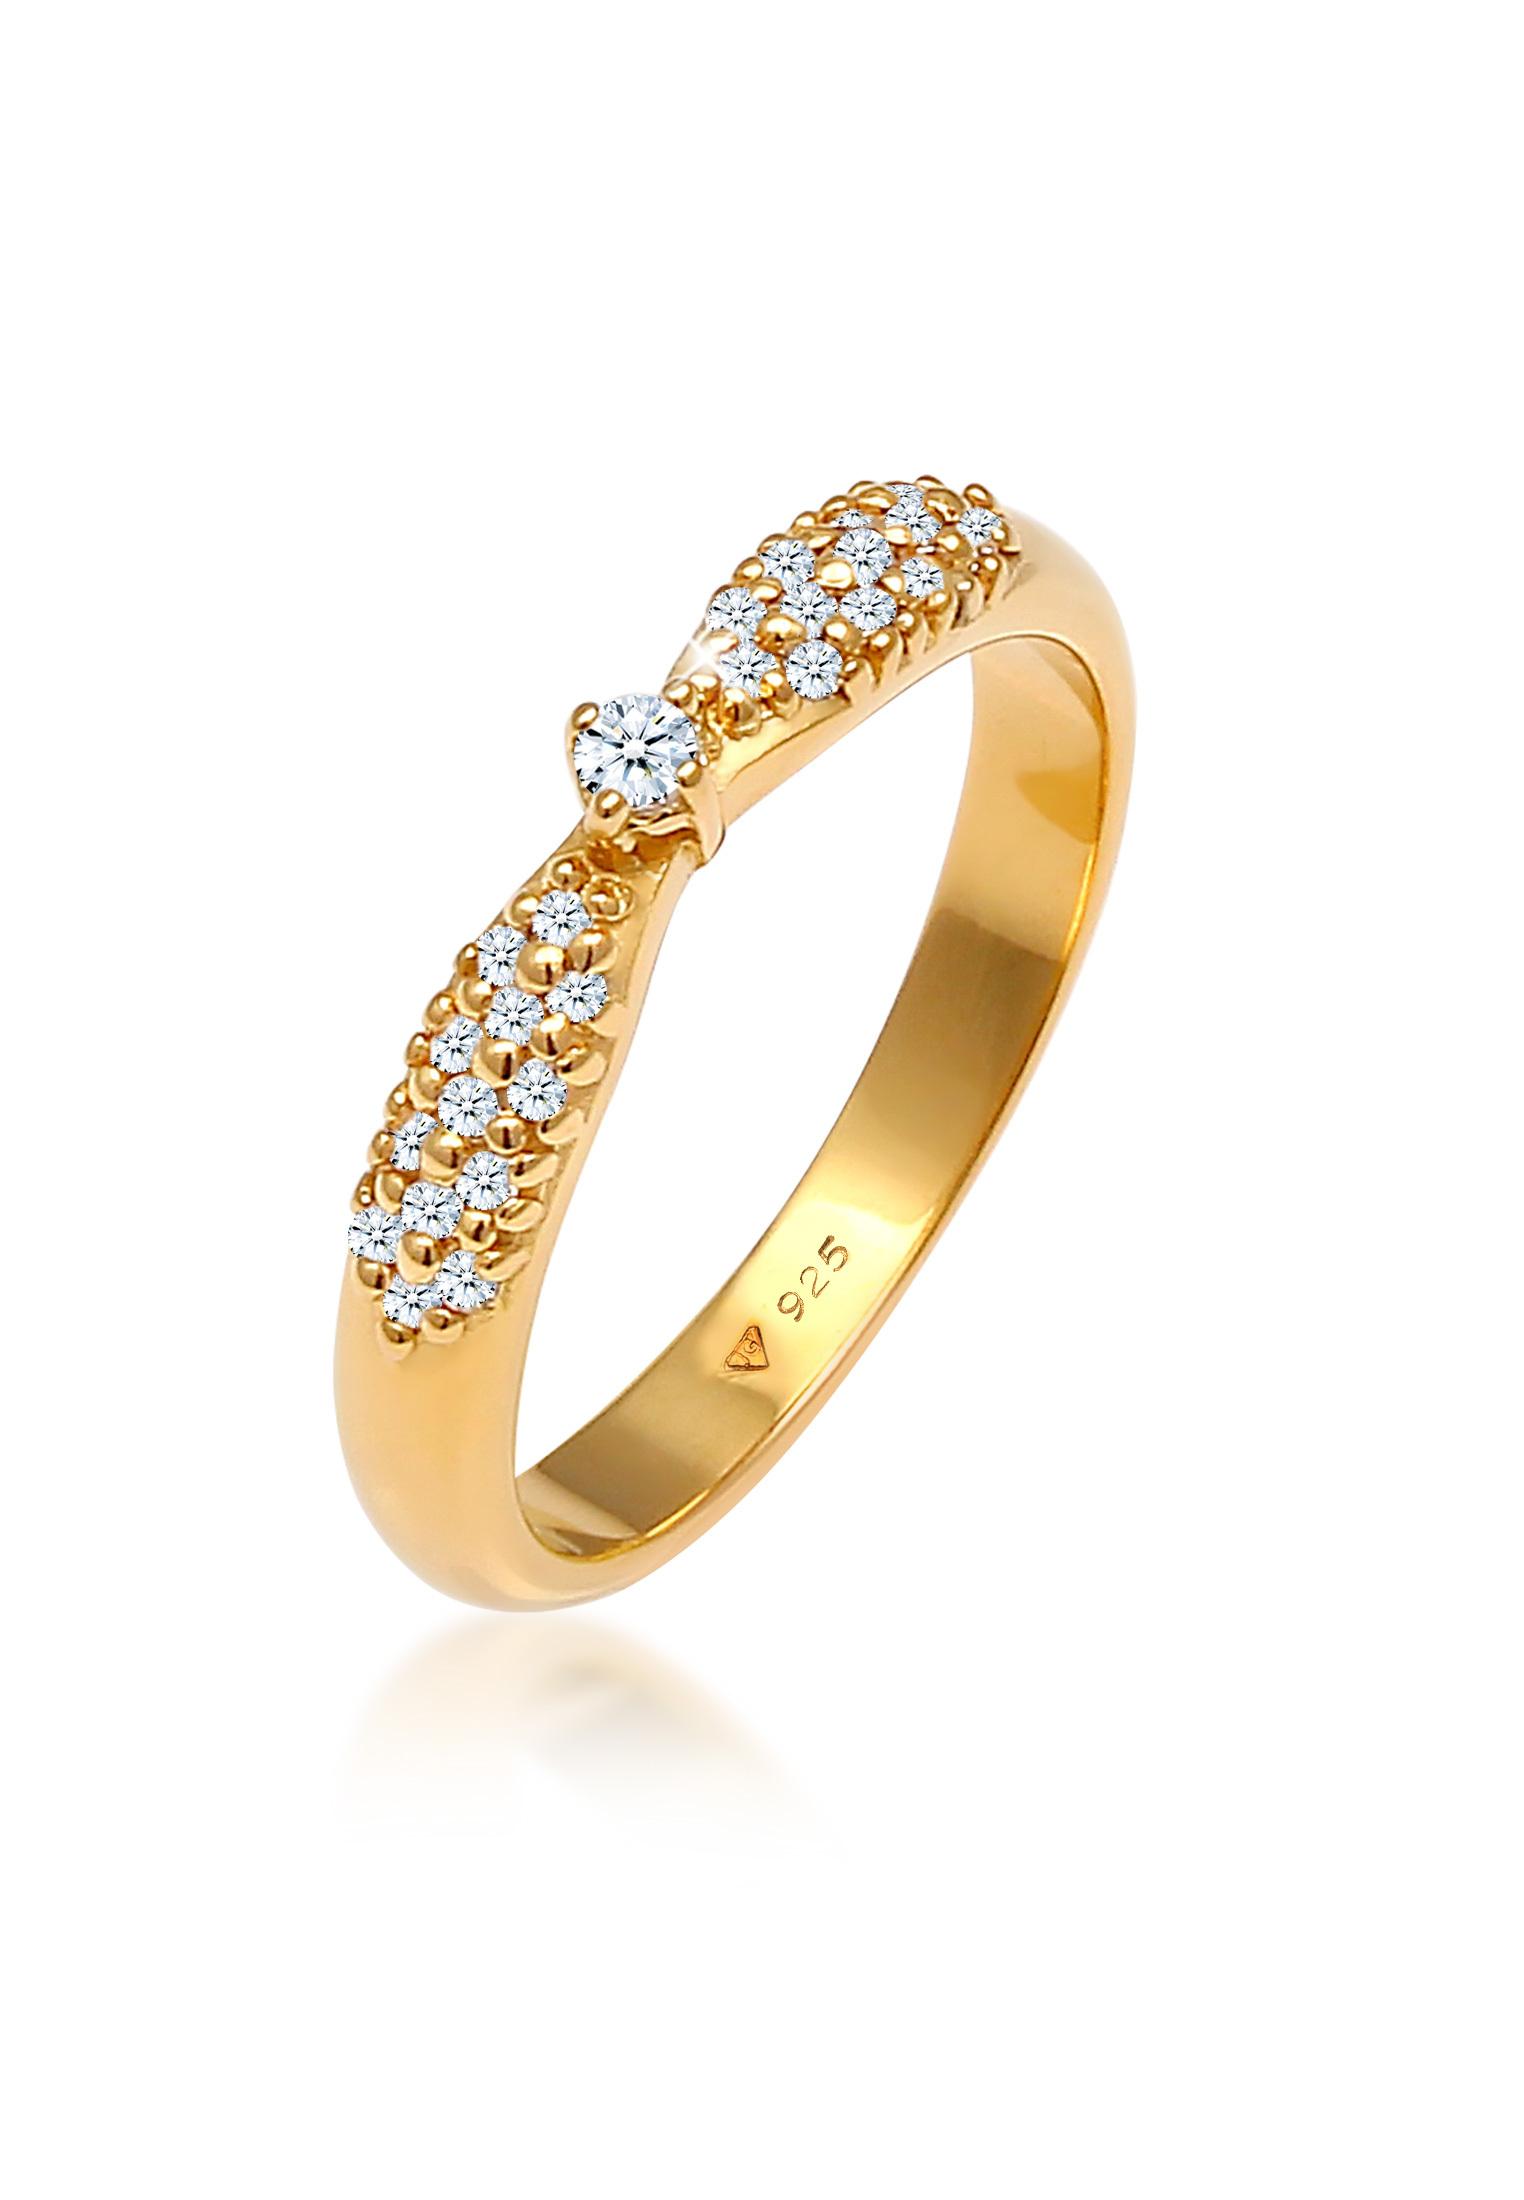 Verlobungsring | Diamant ( Weiß, 0,16 ct ) | 925 Sterling Silber vergoldet